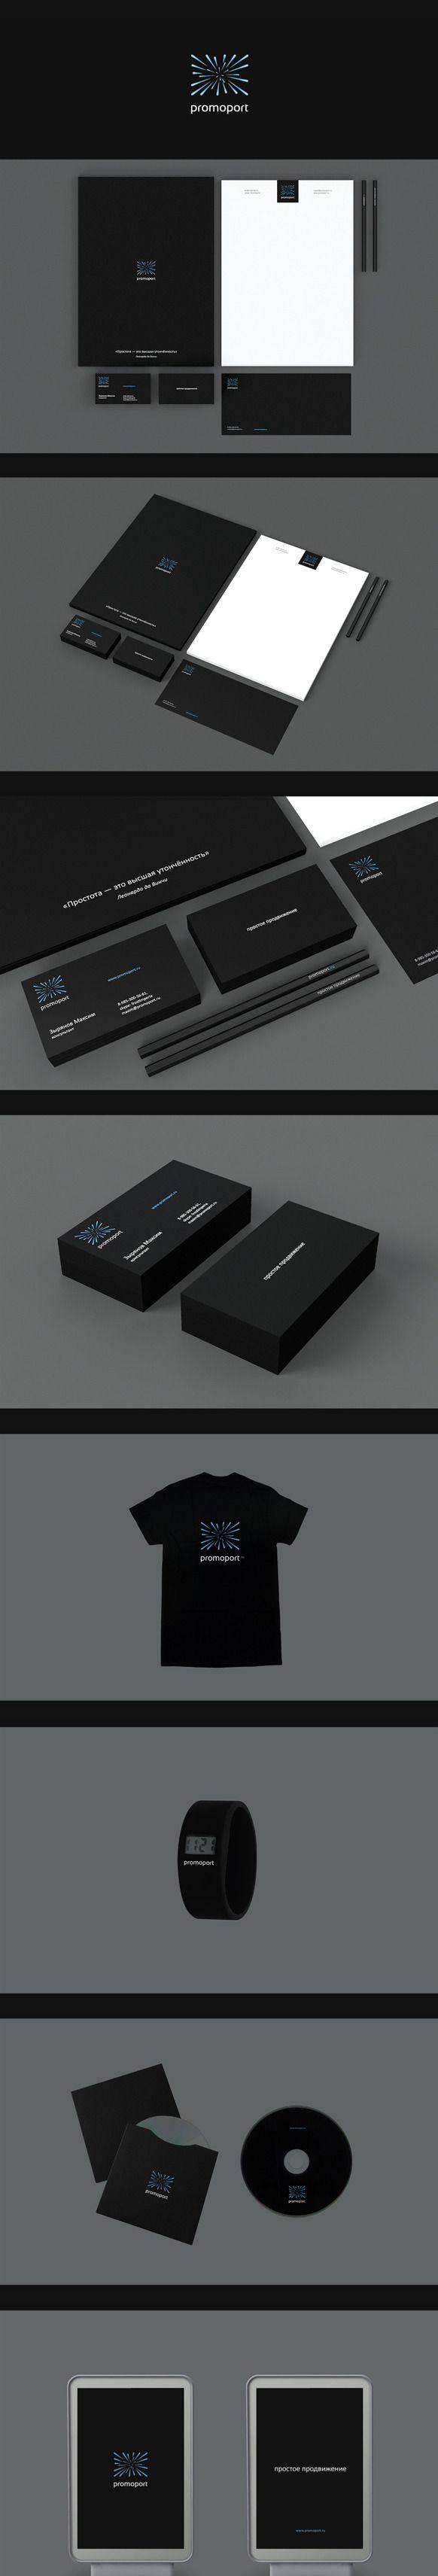 PROMOPORT identity by Zen Design